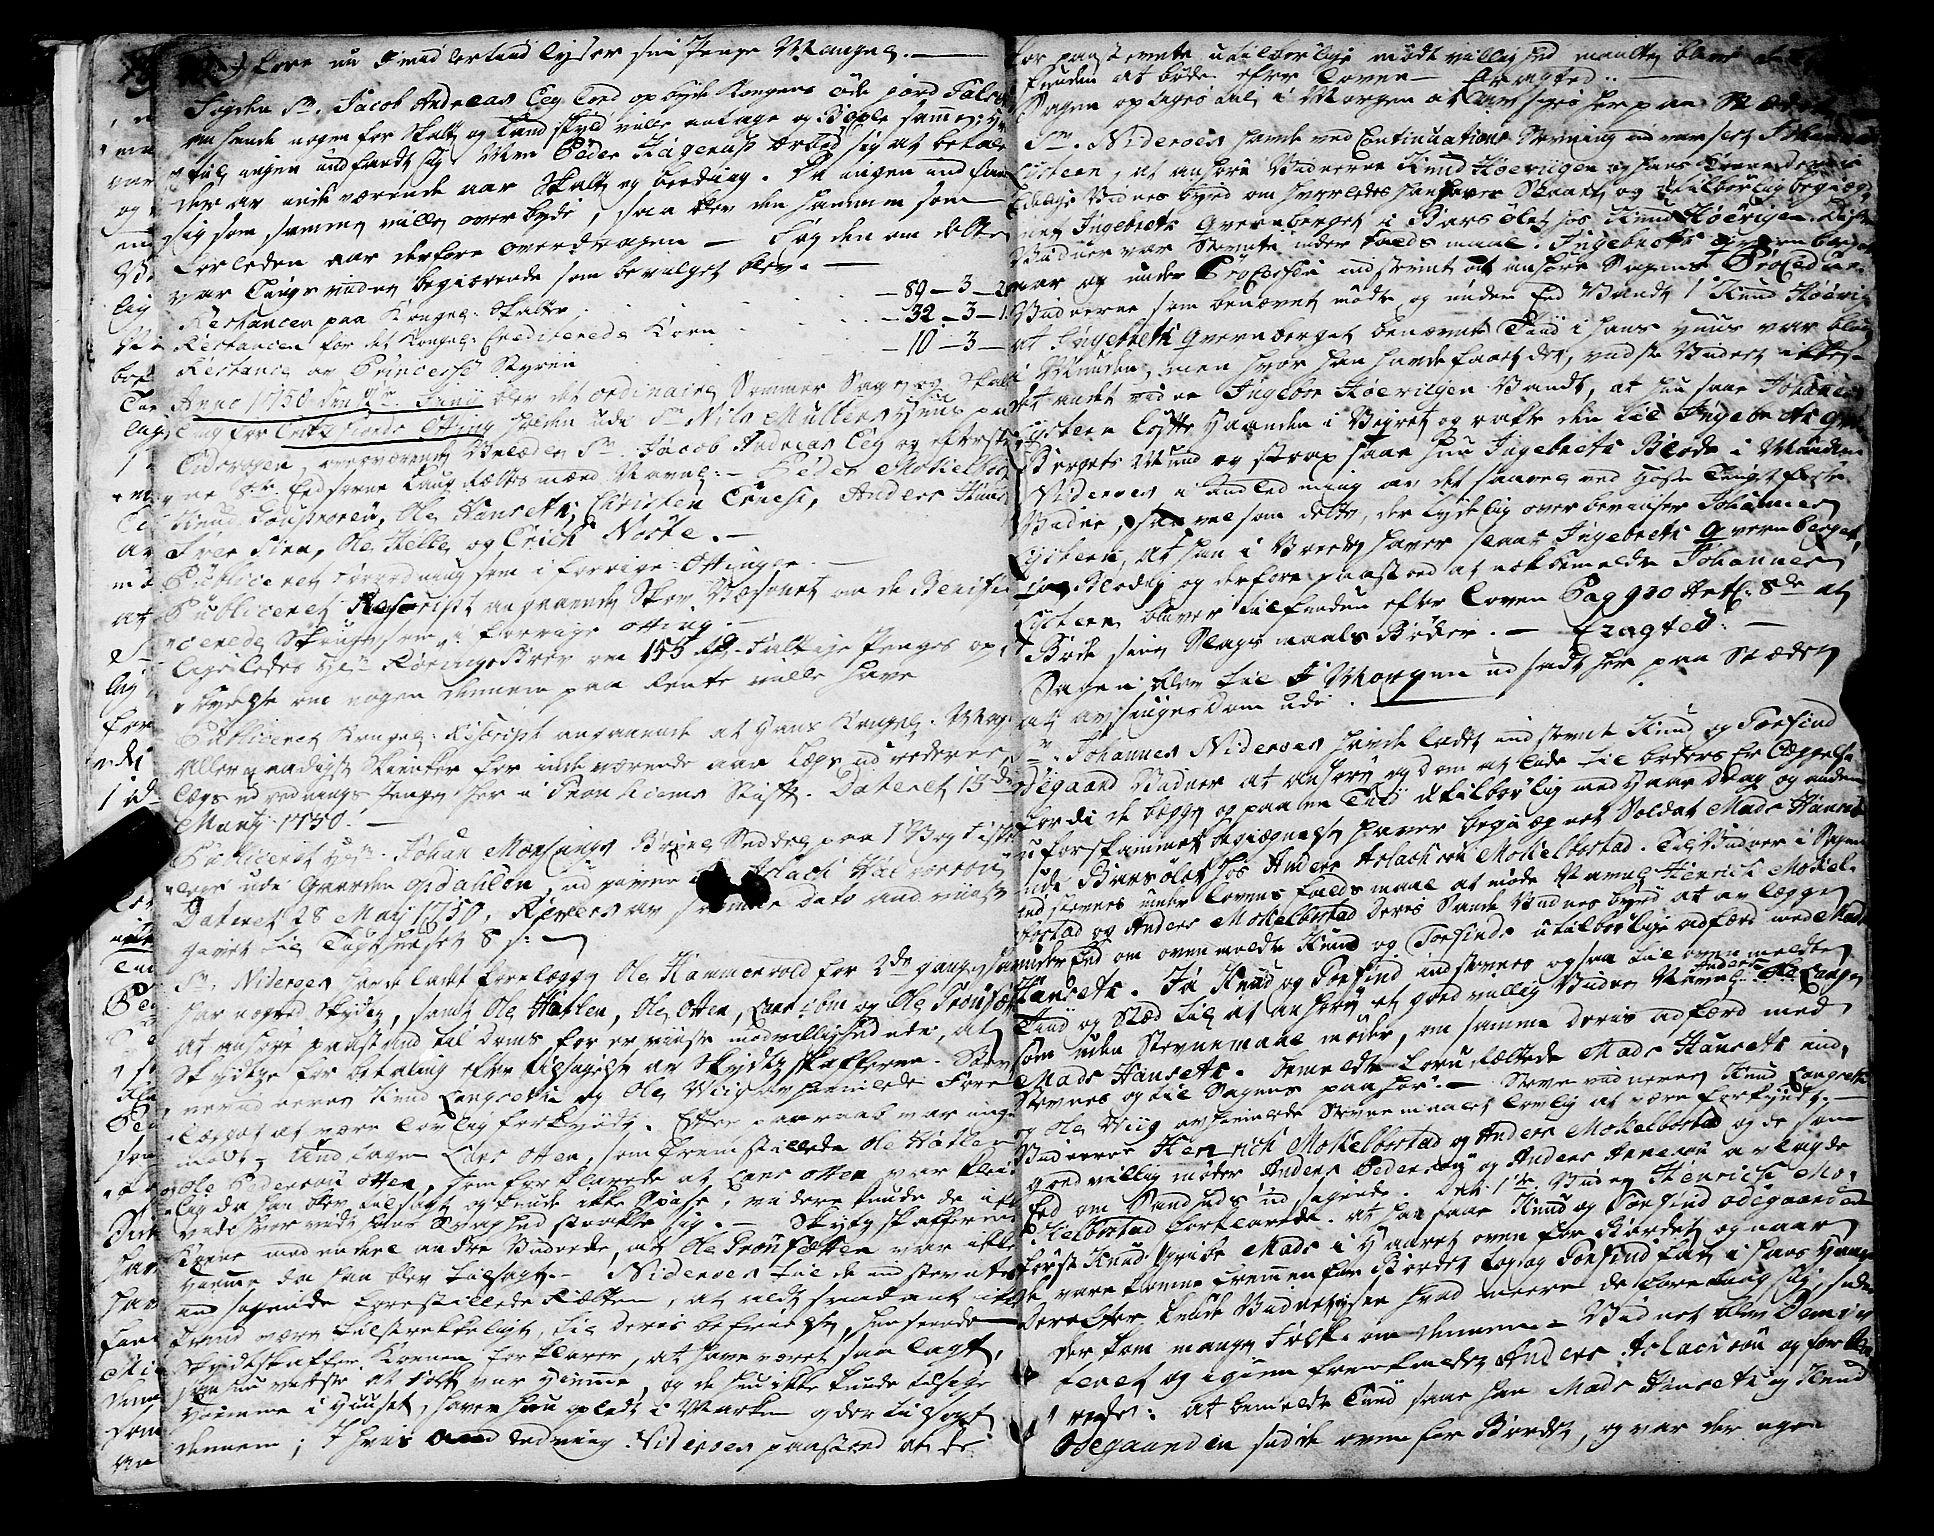 SAT, Romsdal sorenskriveri, 1/1A/L0013: Tingbok, 1749-1757, s. 20-21